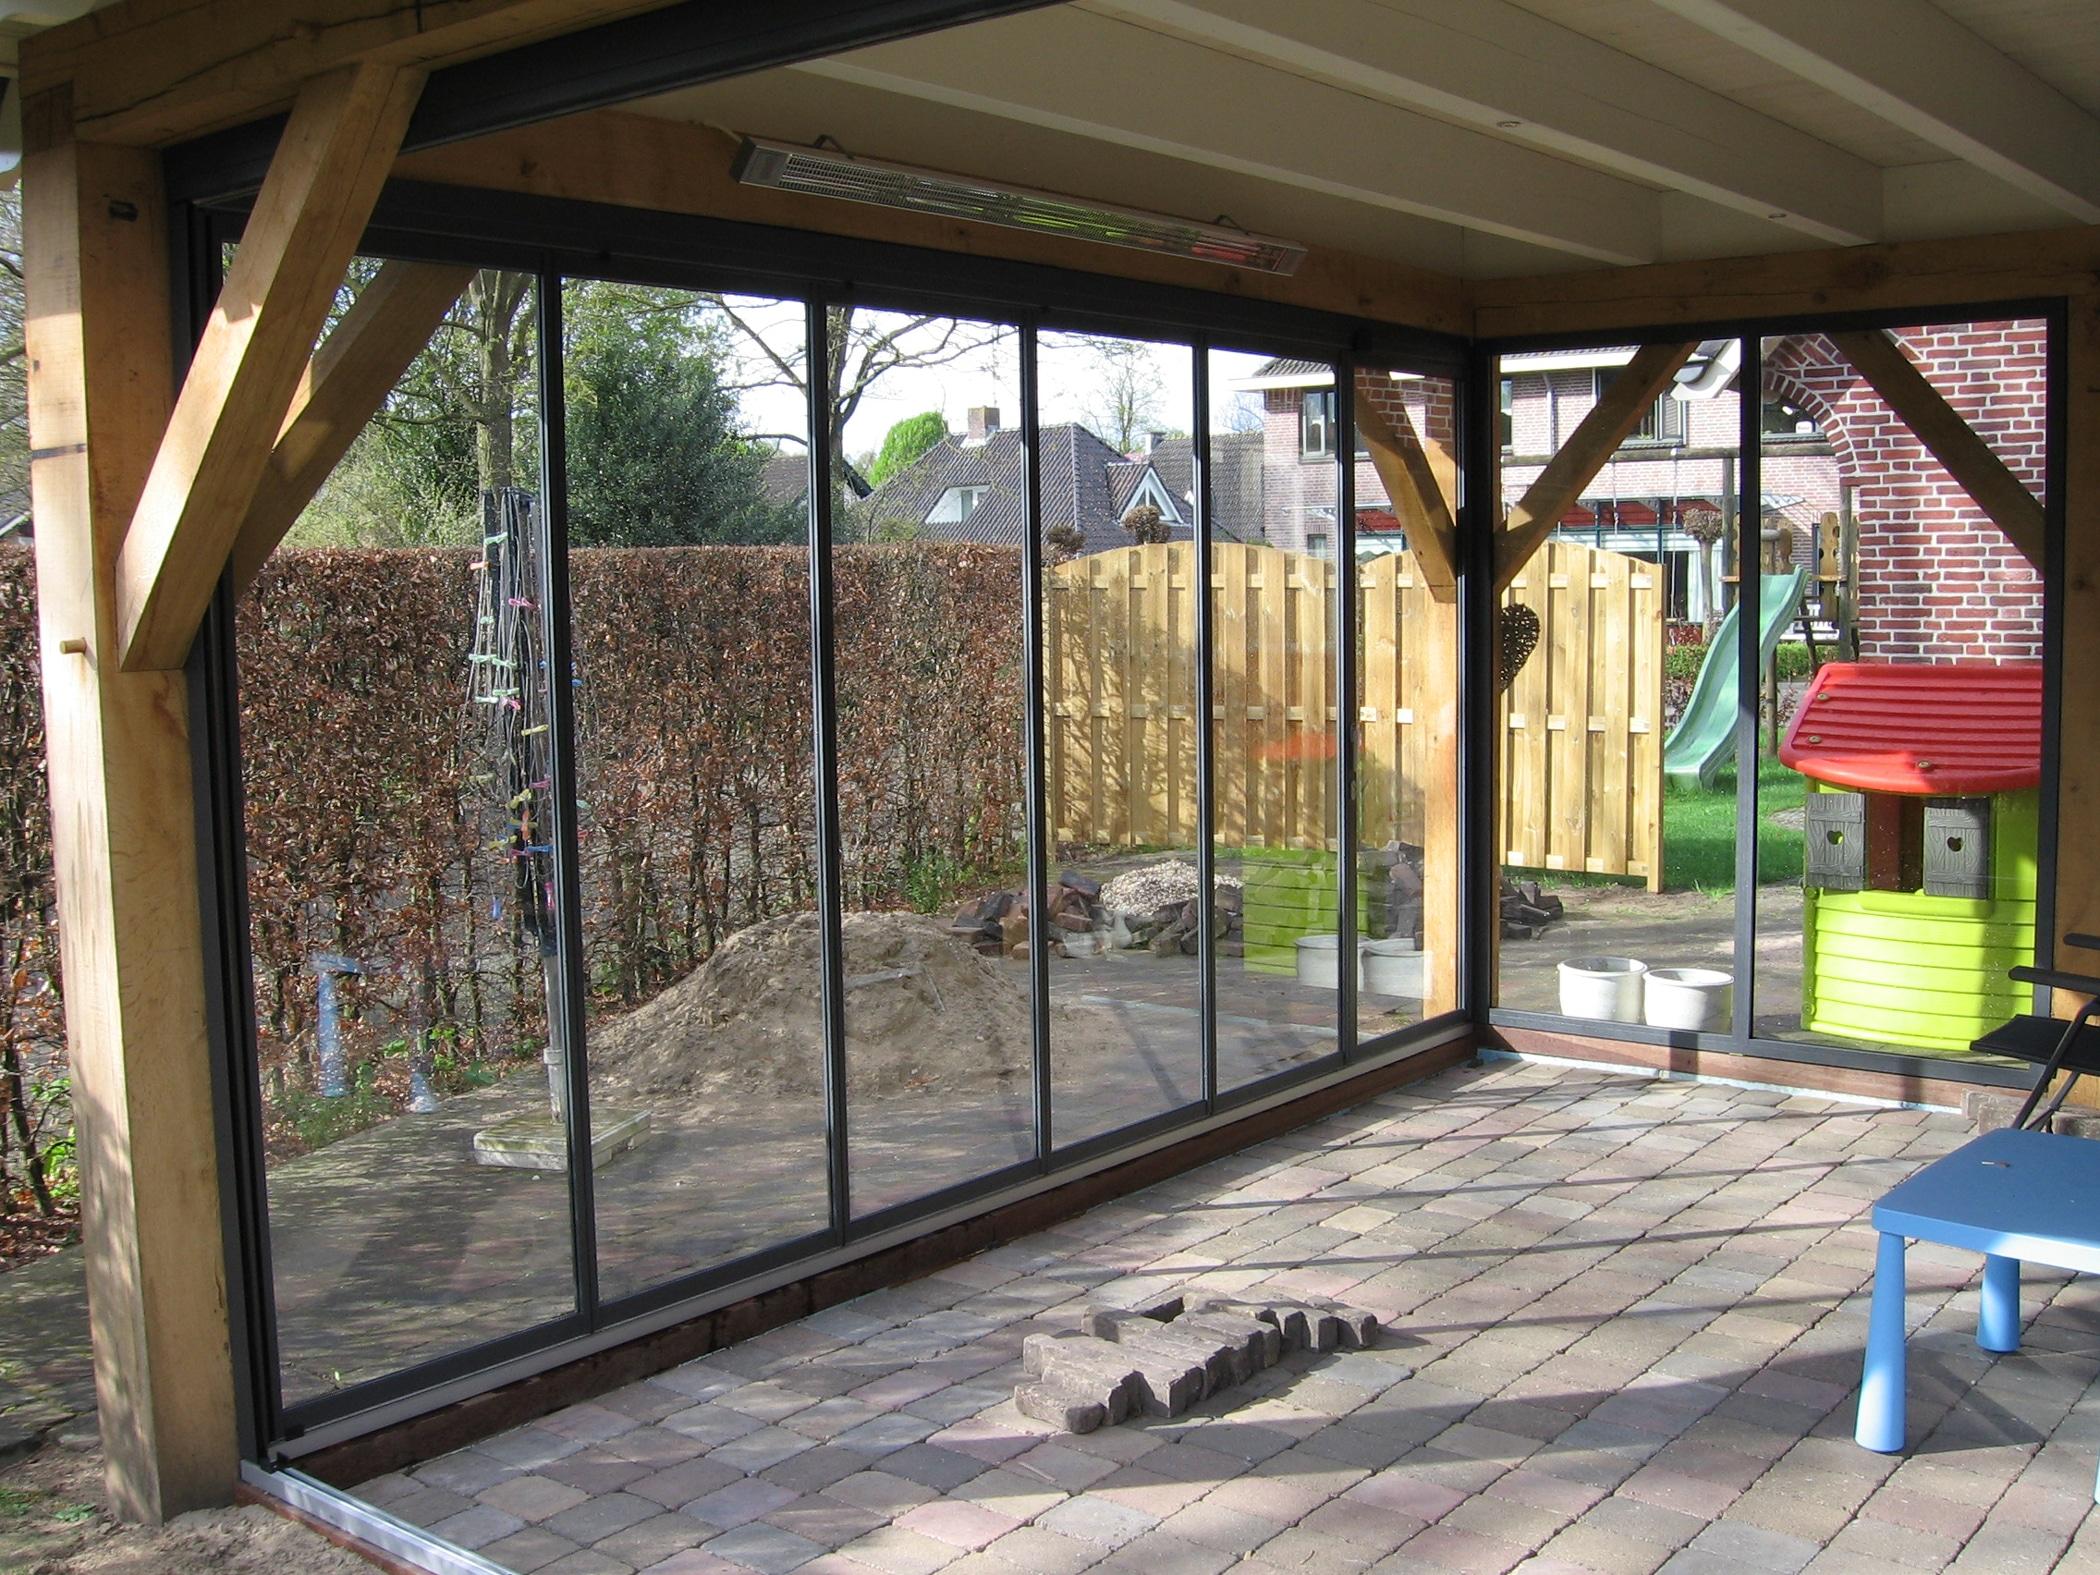 Schiebe Dreh Verglasungssysteme für bestehende Holz Überdachung